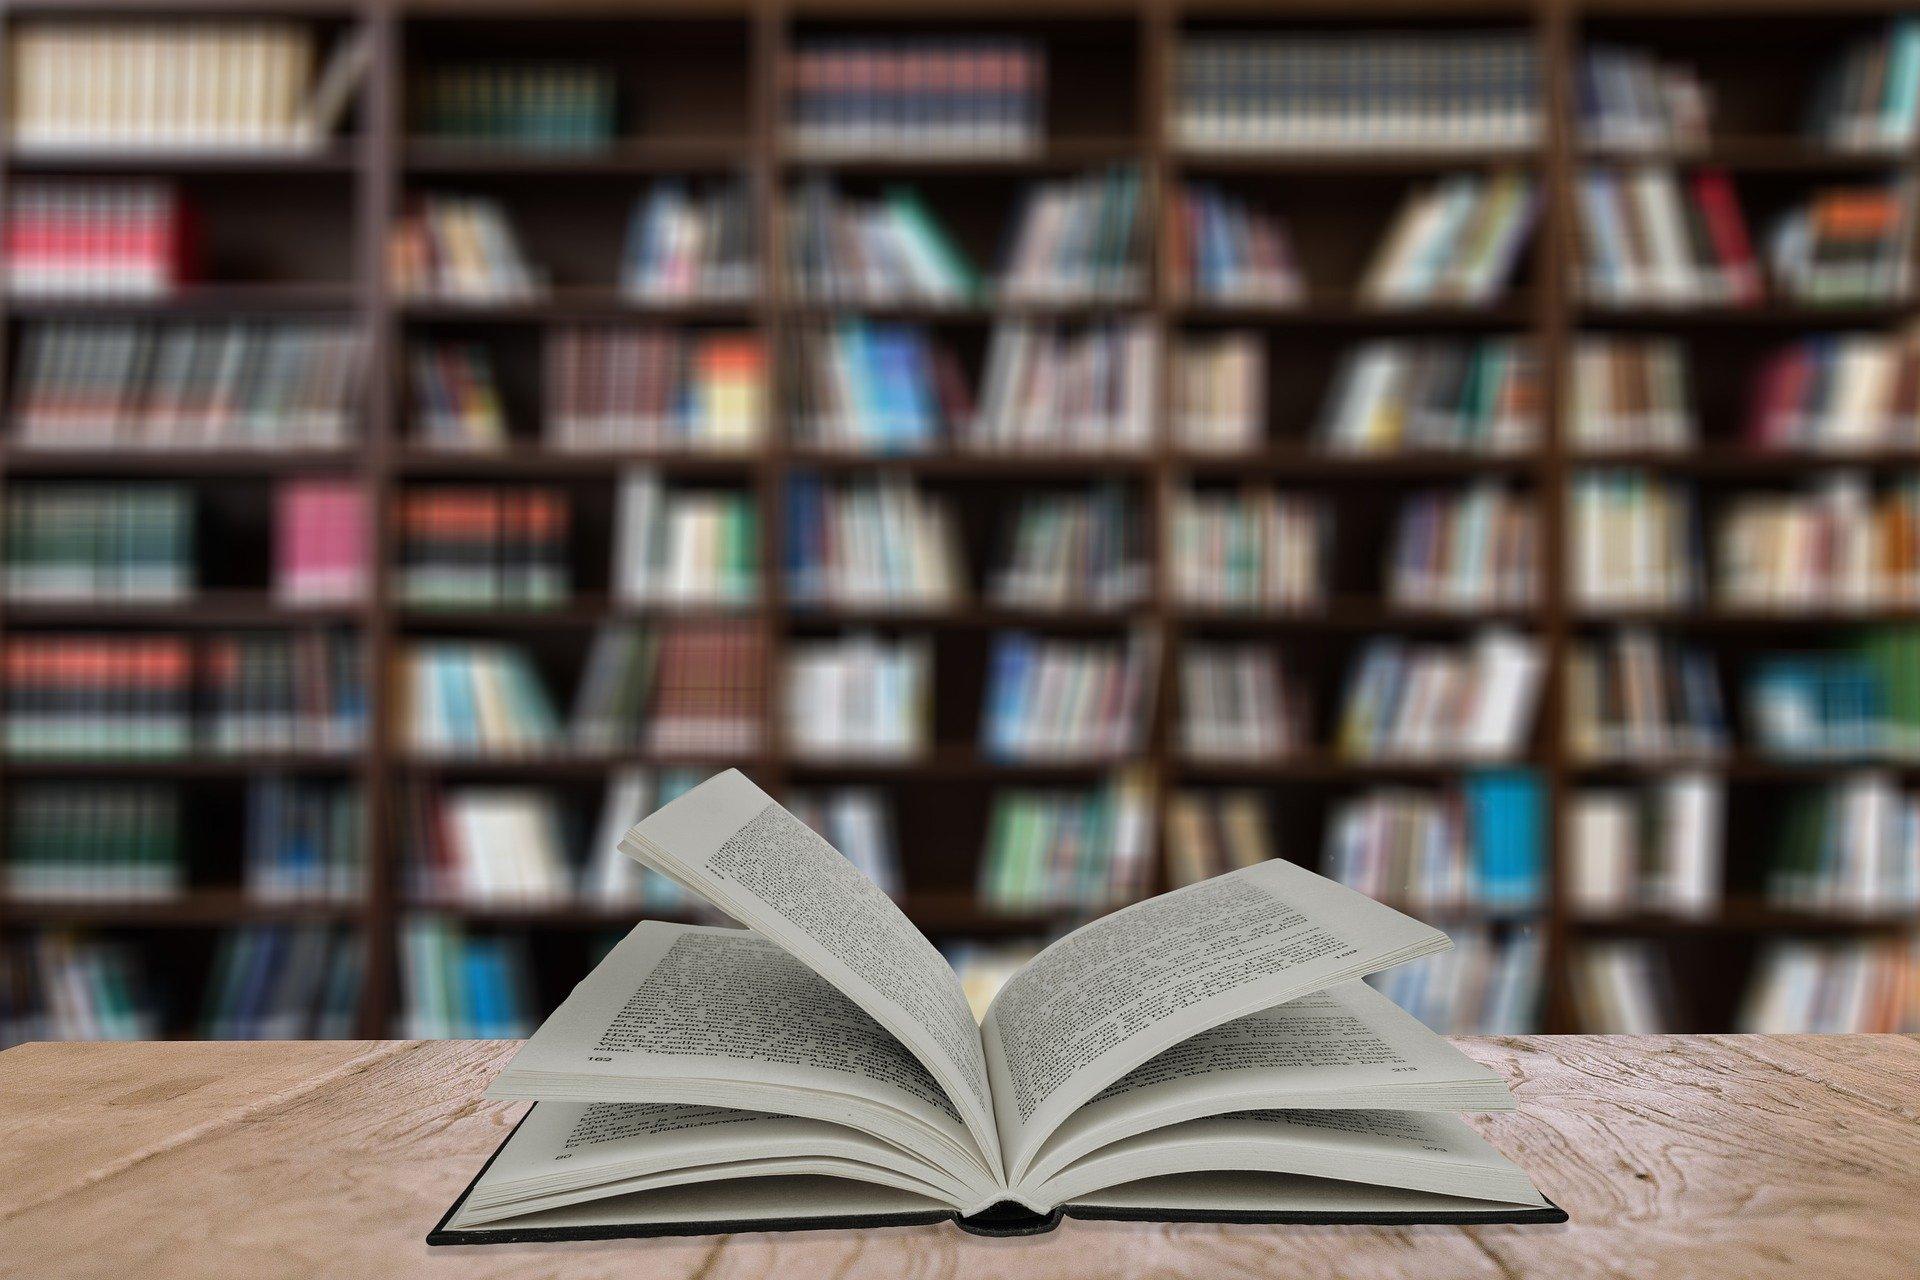 Memmelsdorf Library